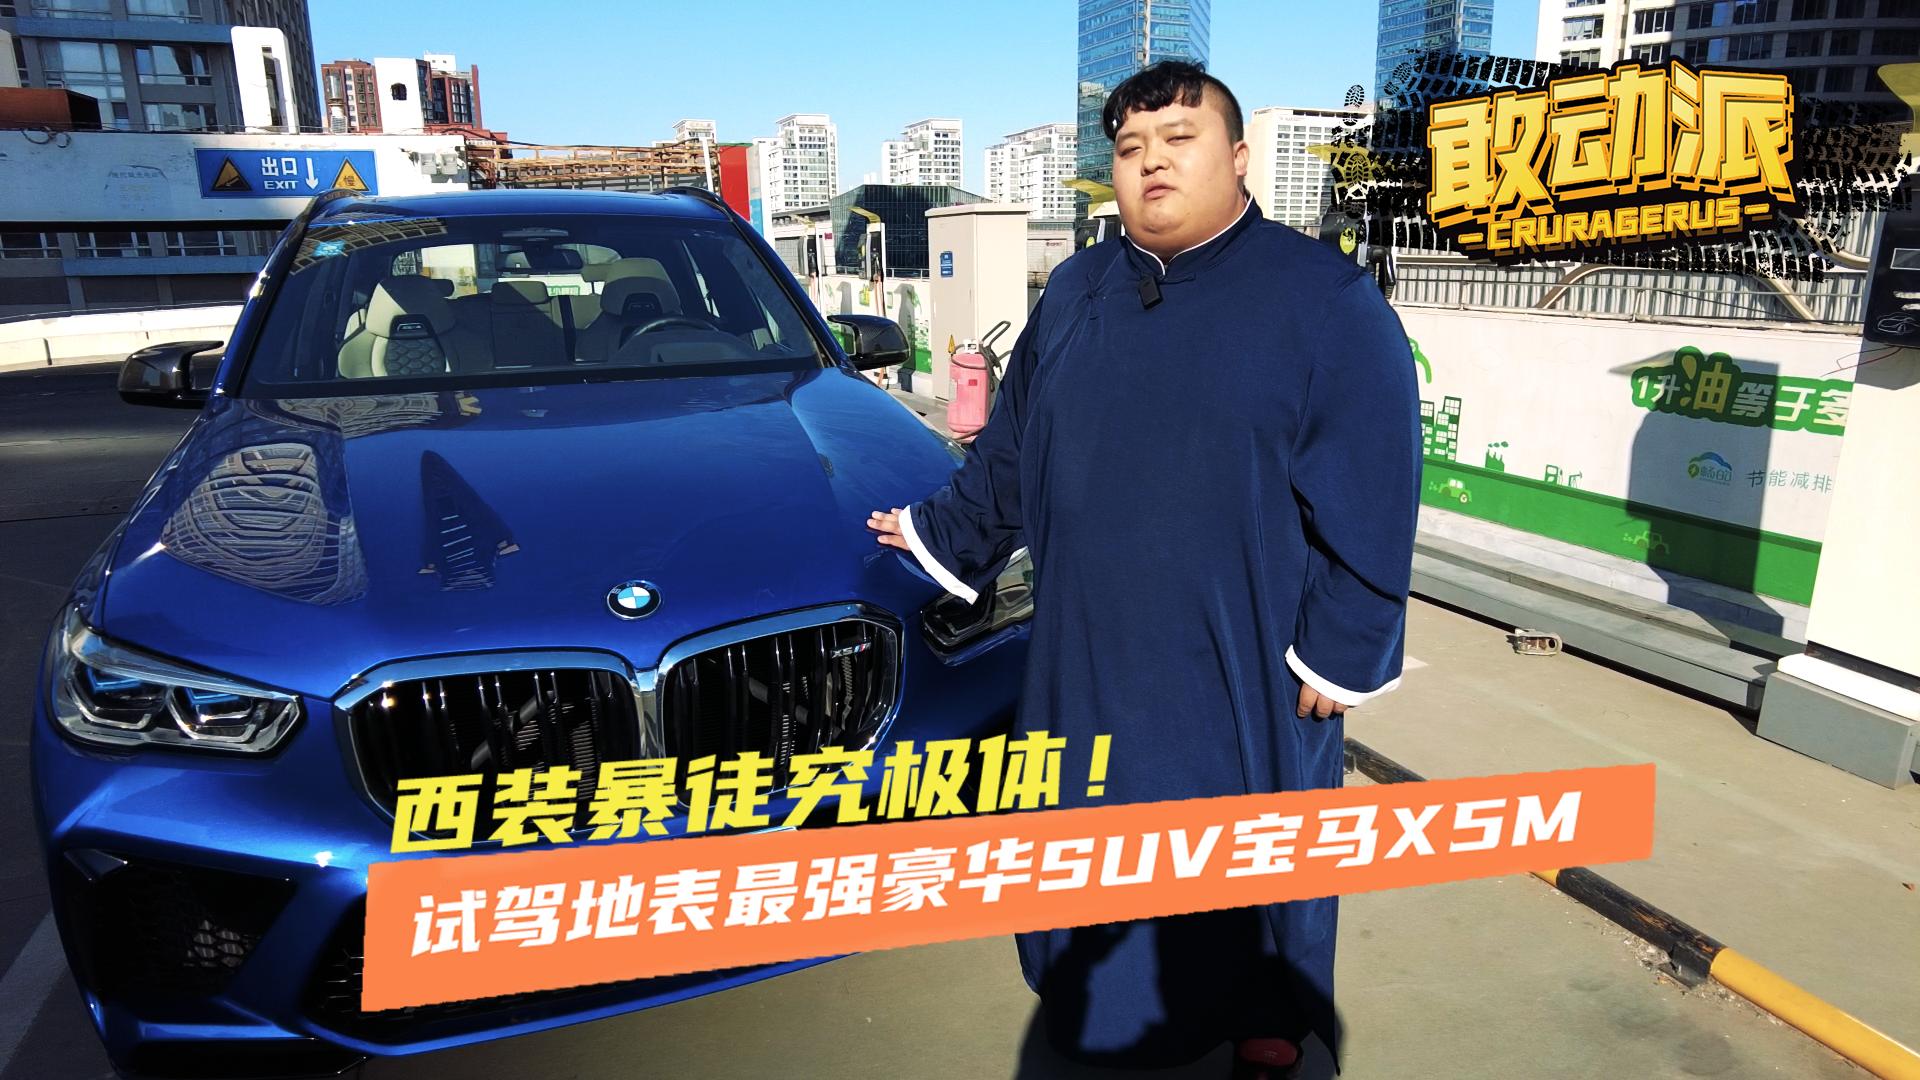 西装暴徒究极体!试驾地表强悍性能SUV宝马X5M视频